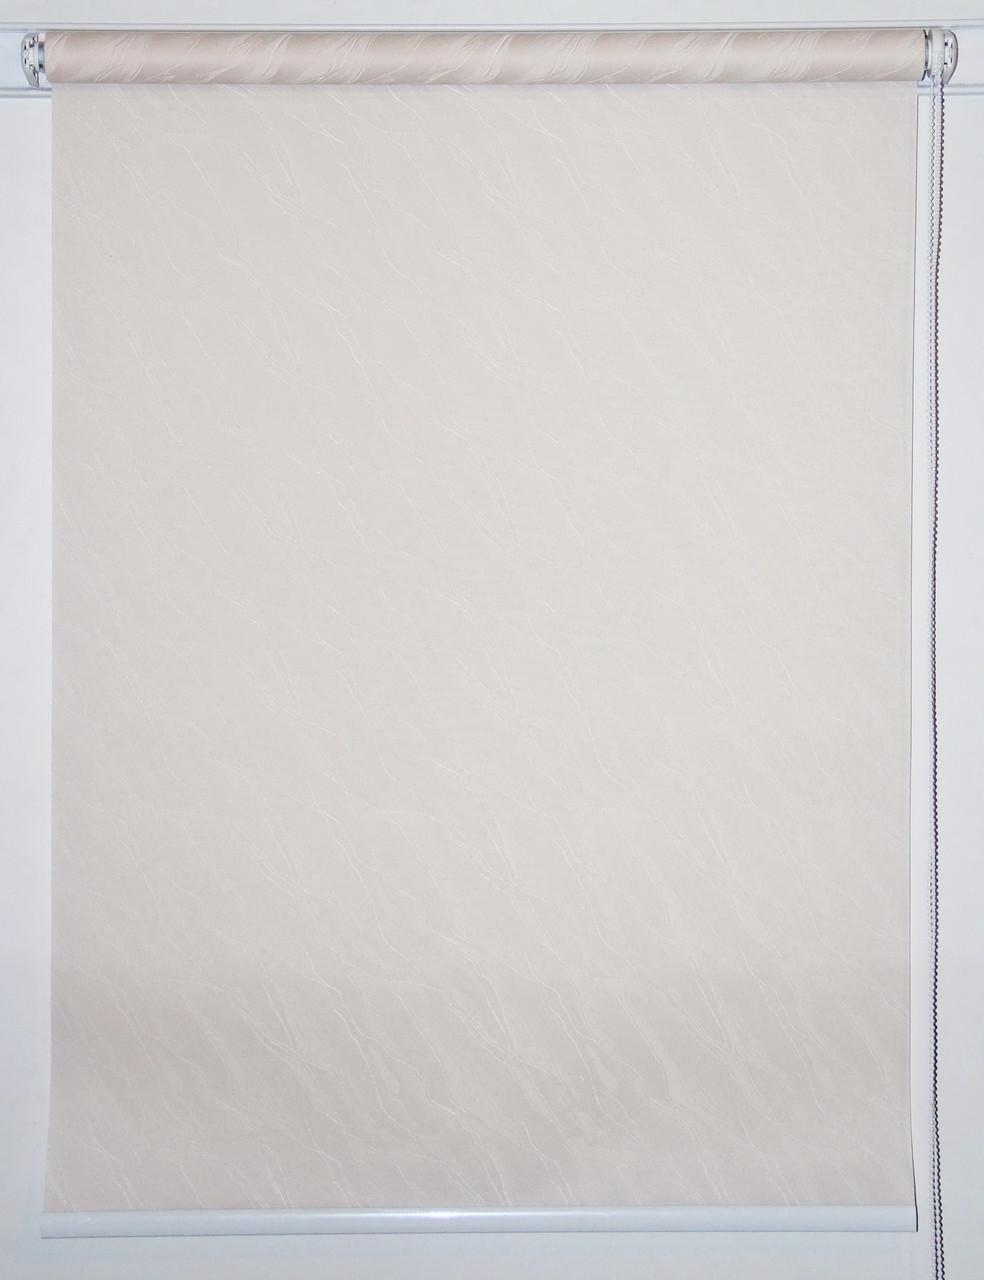 Рулонная штора 975*1500 Вода 1834 Слоновая кость